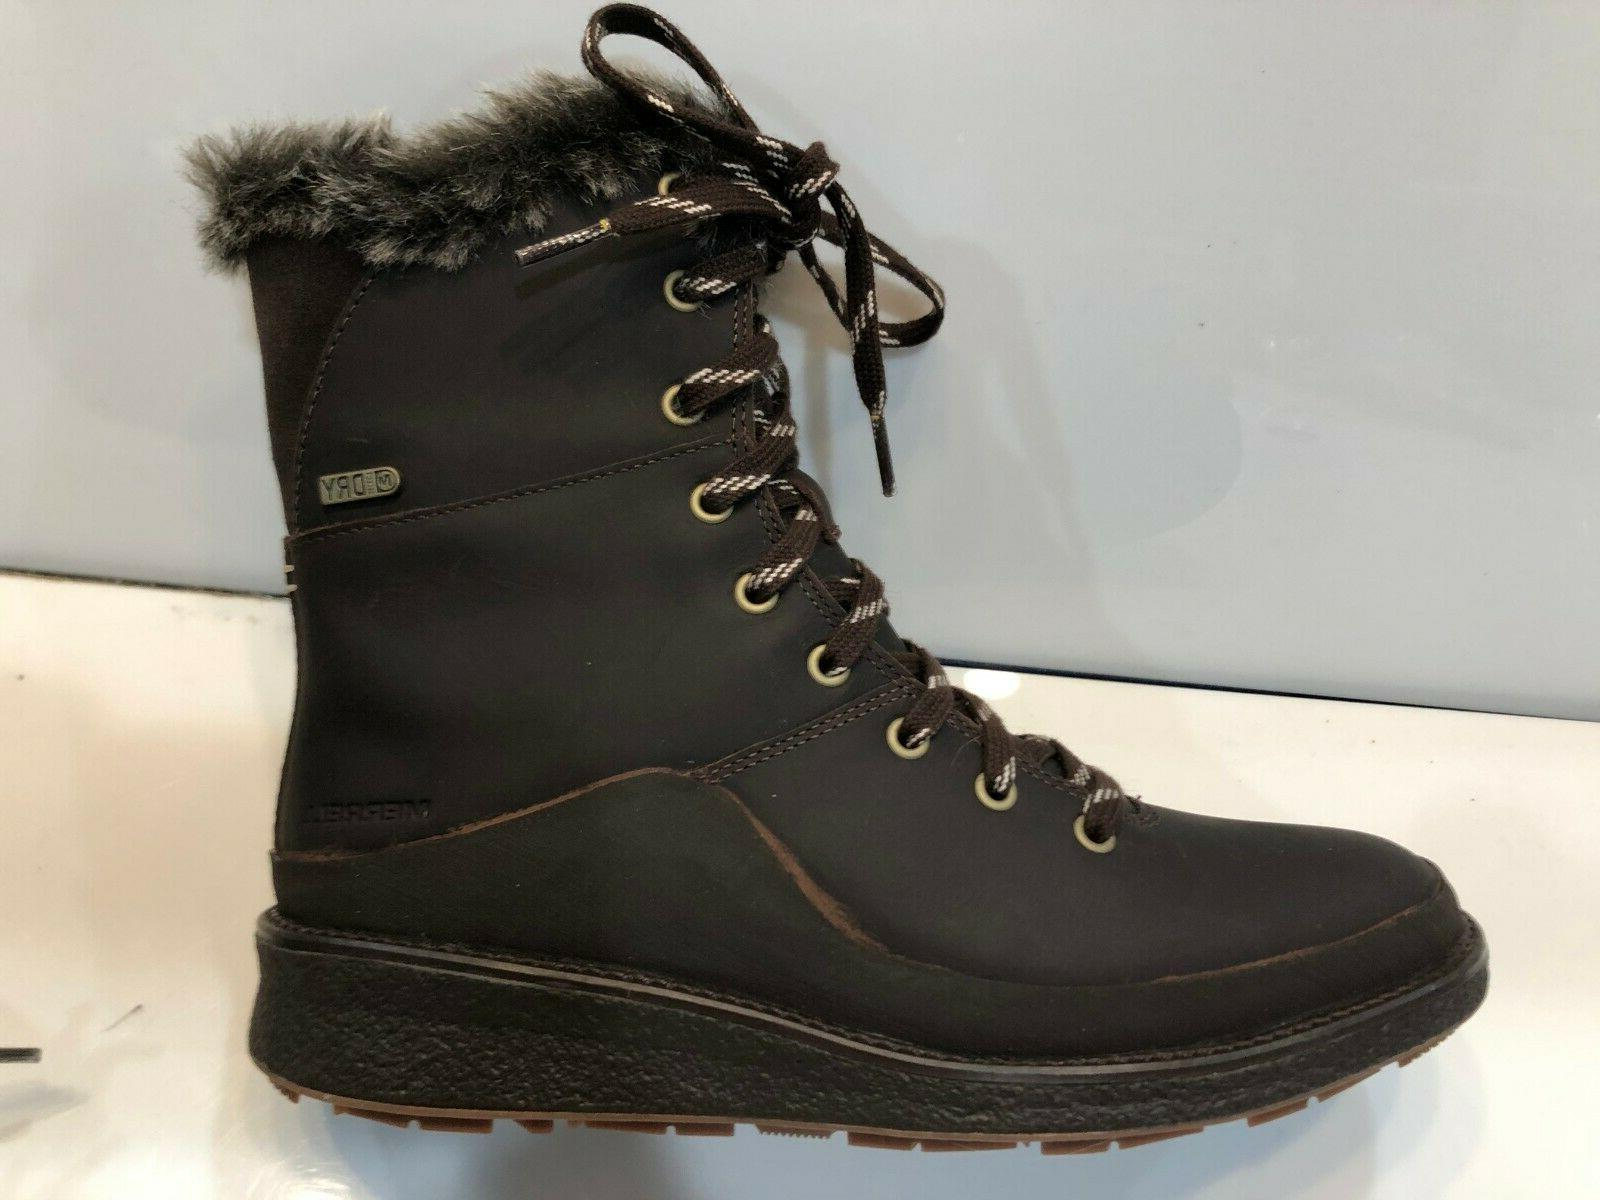 Merrell Womens Boots